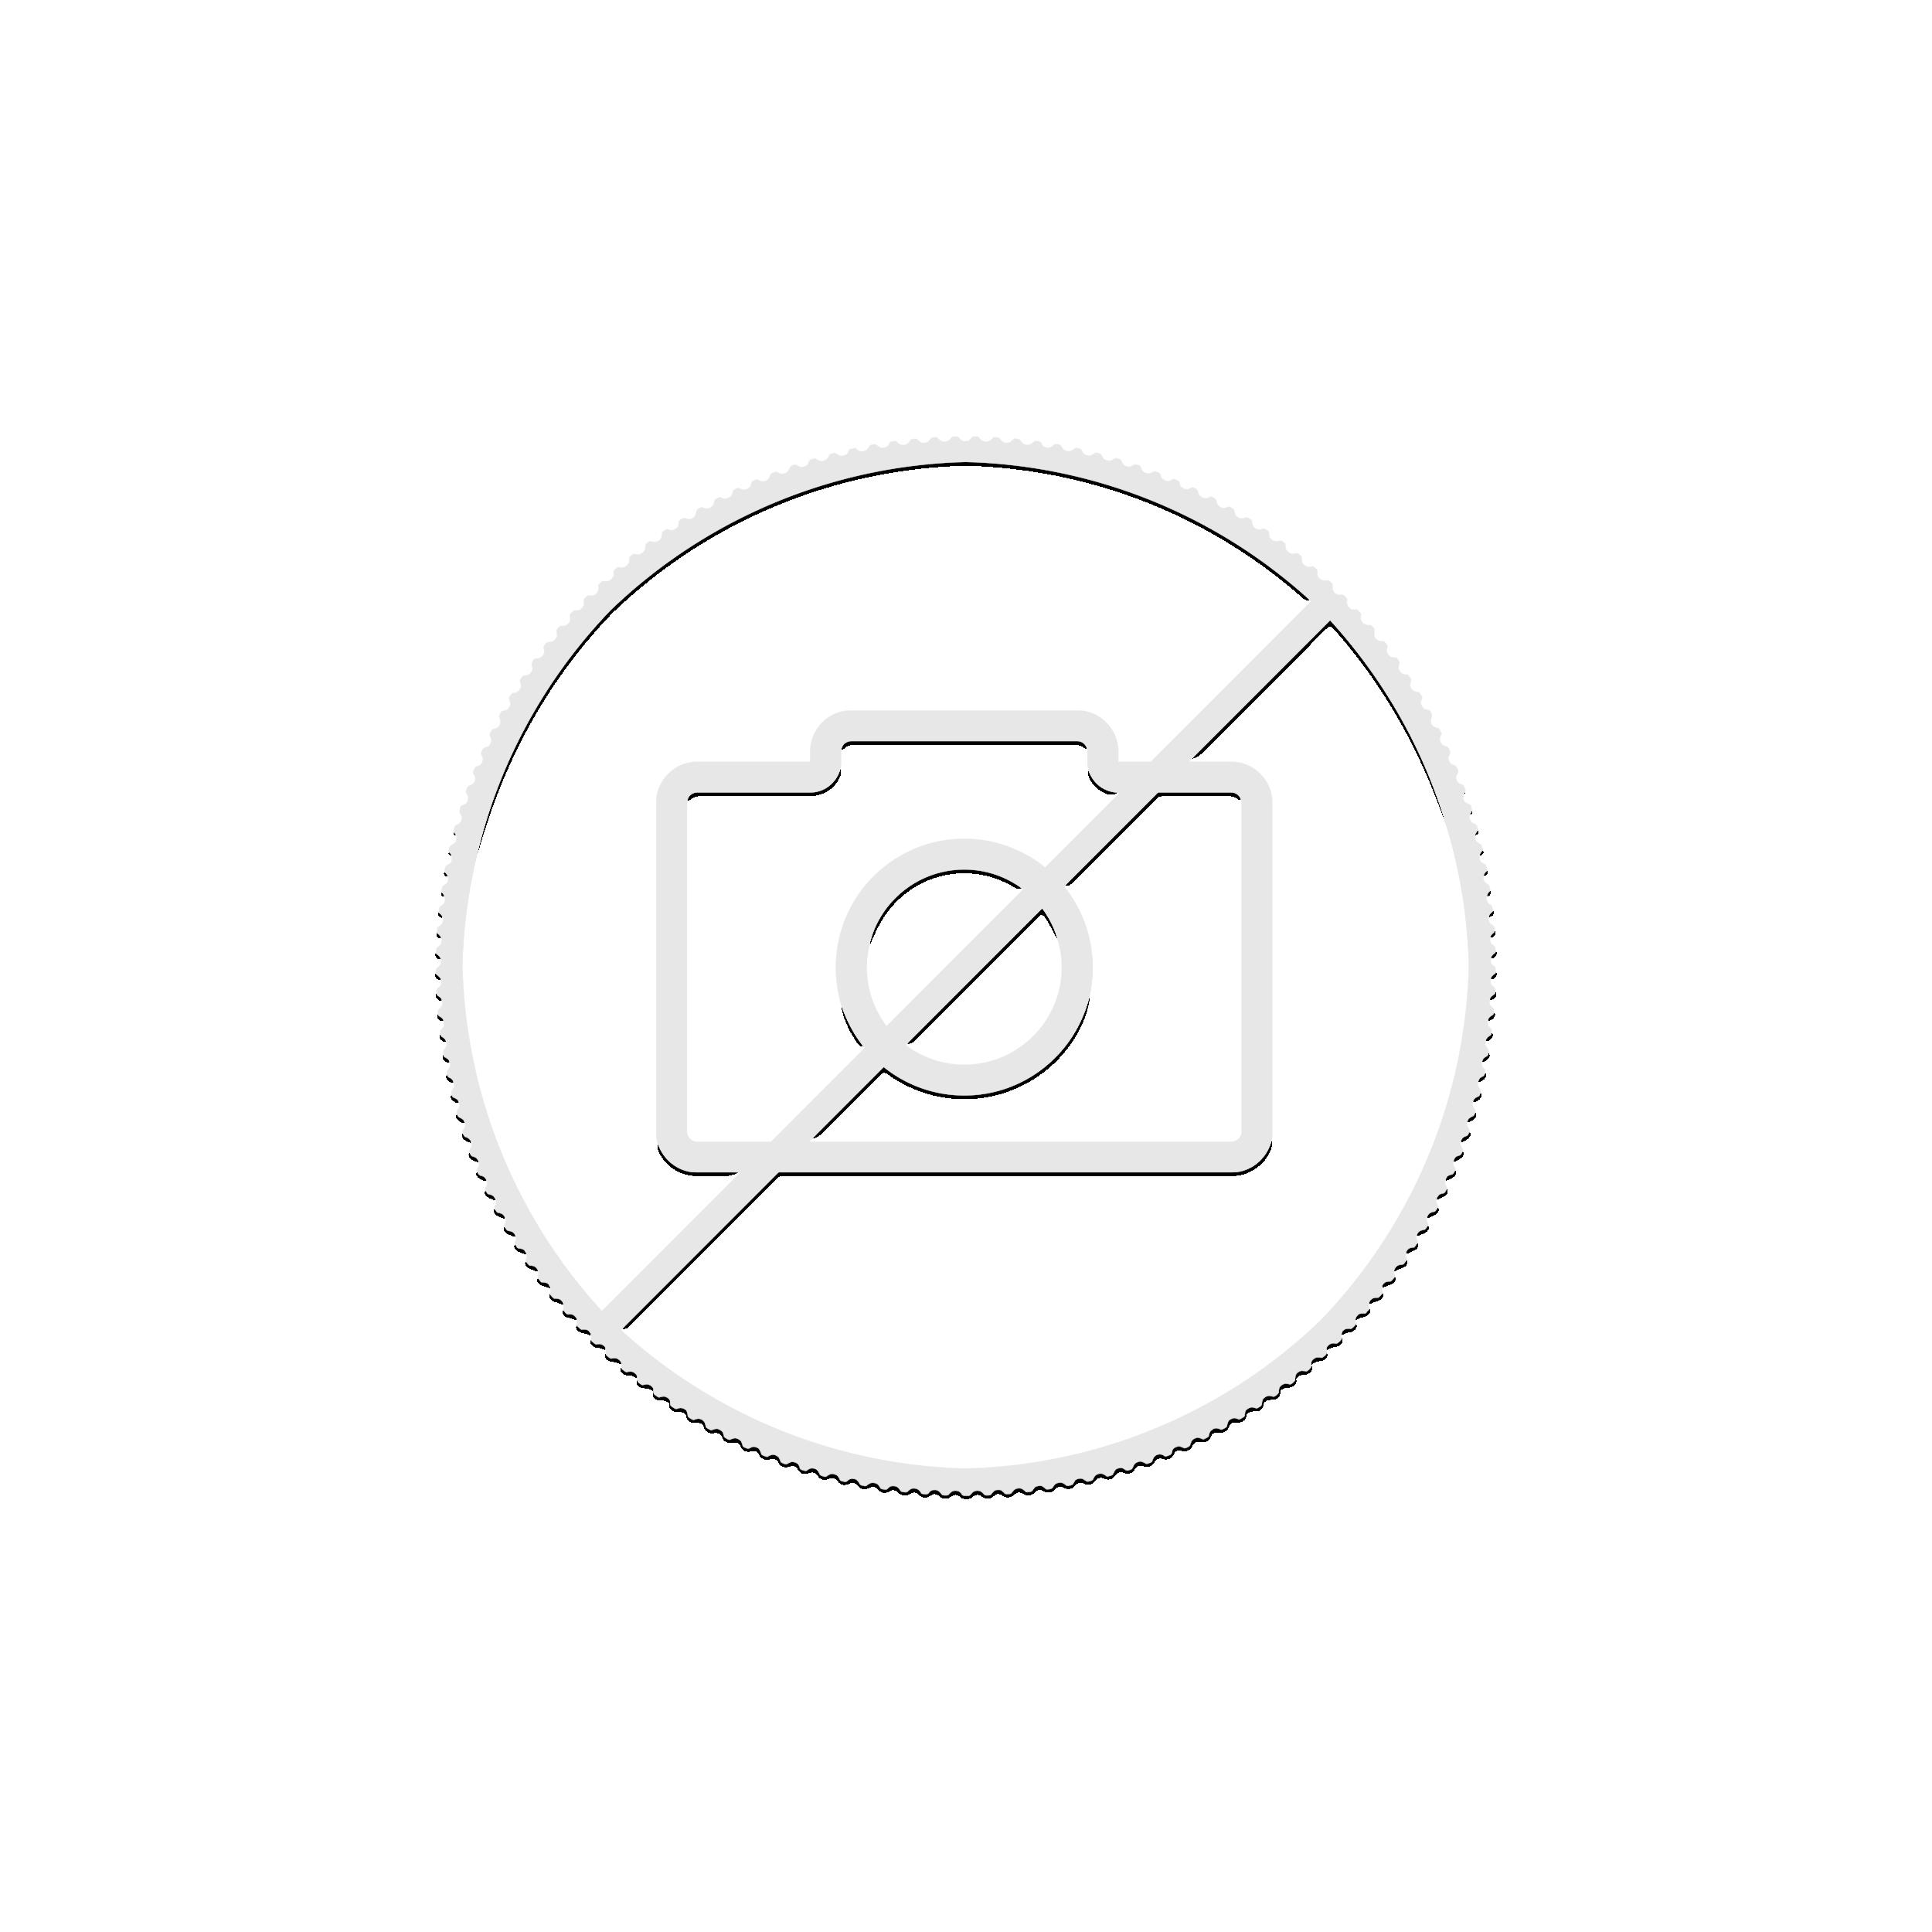 Goudbaar 1 troy ounce van Sunshine Mint